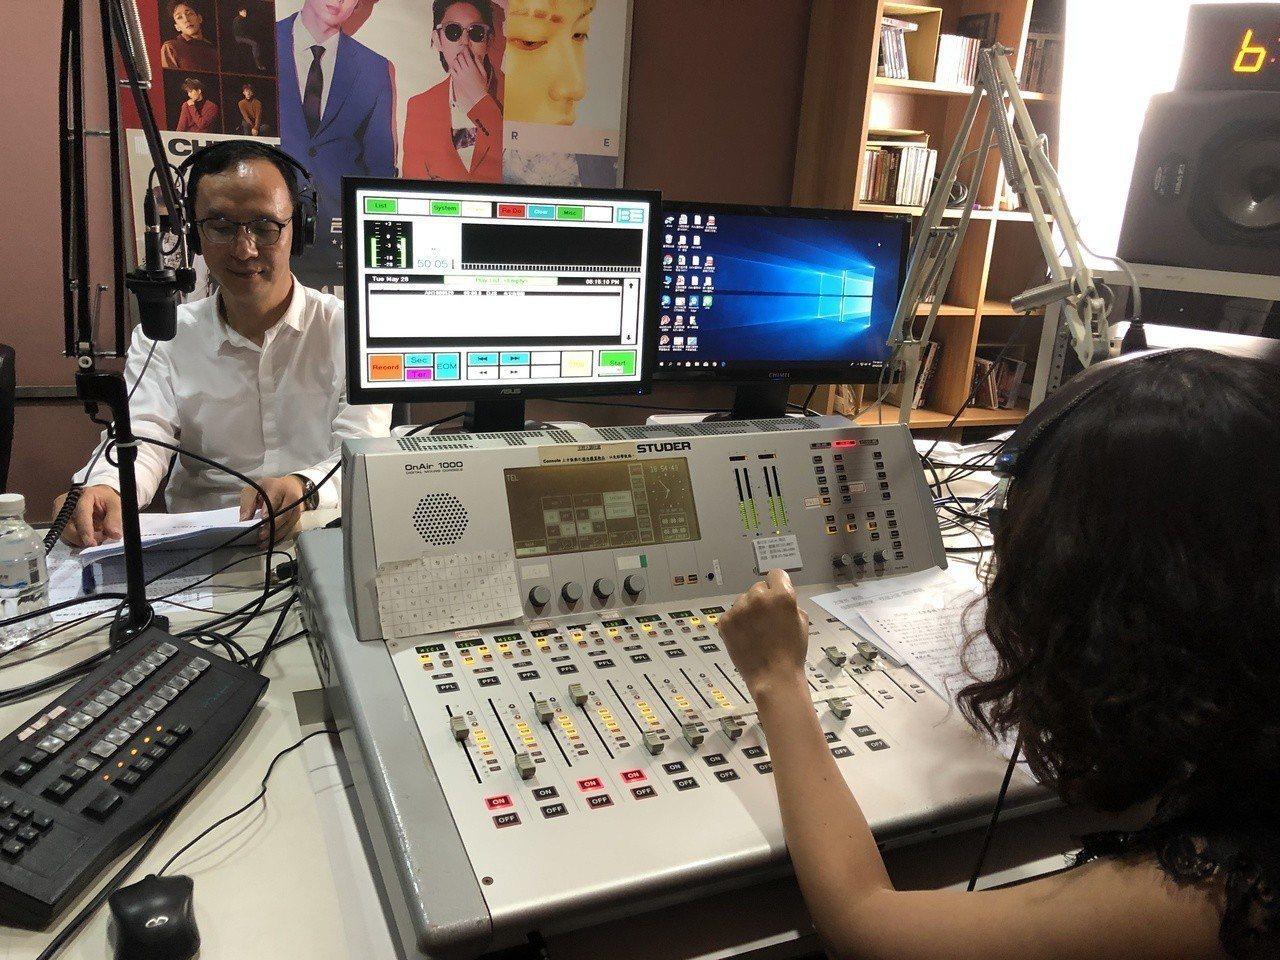 朱立倫晚間連跑嘉南廣播電台、A-Line Radio電台,接受訪問,爭取民眾支持...